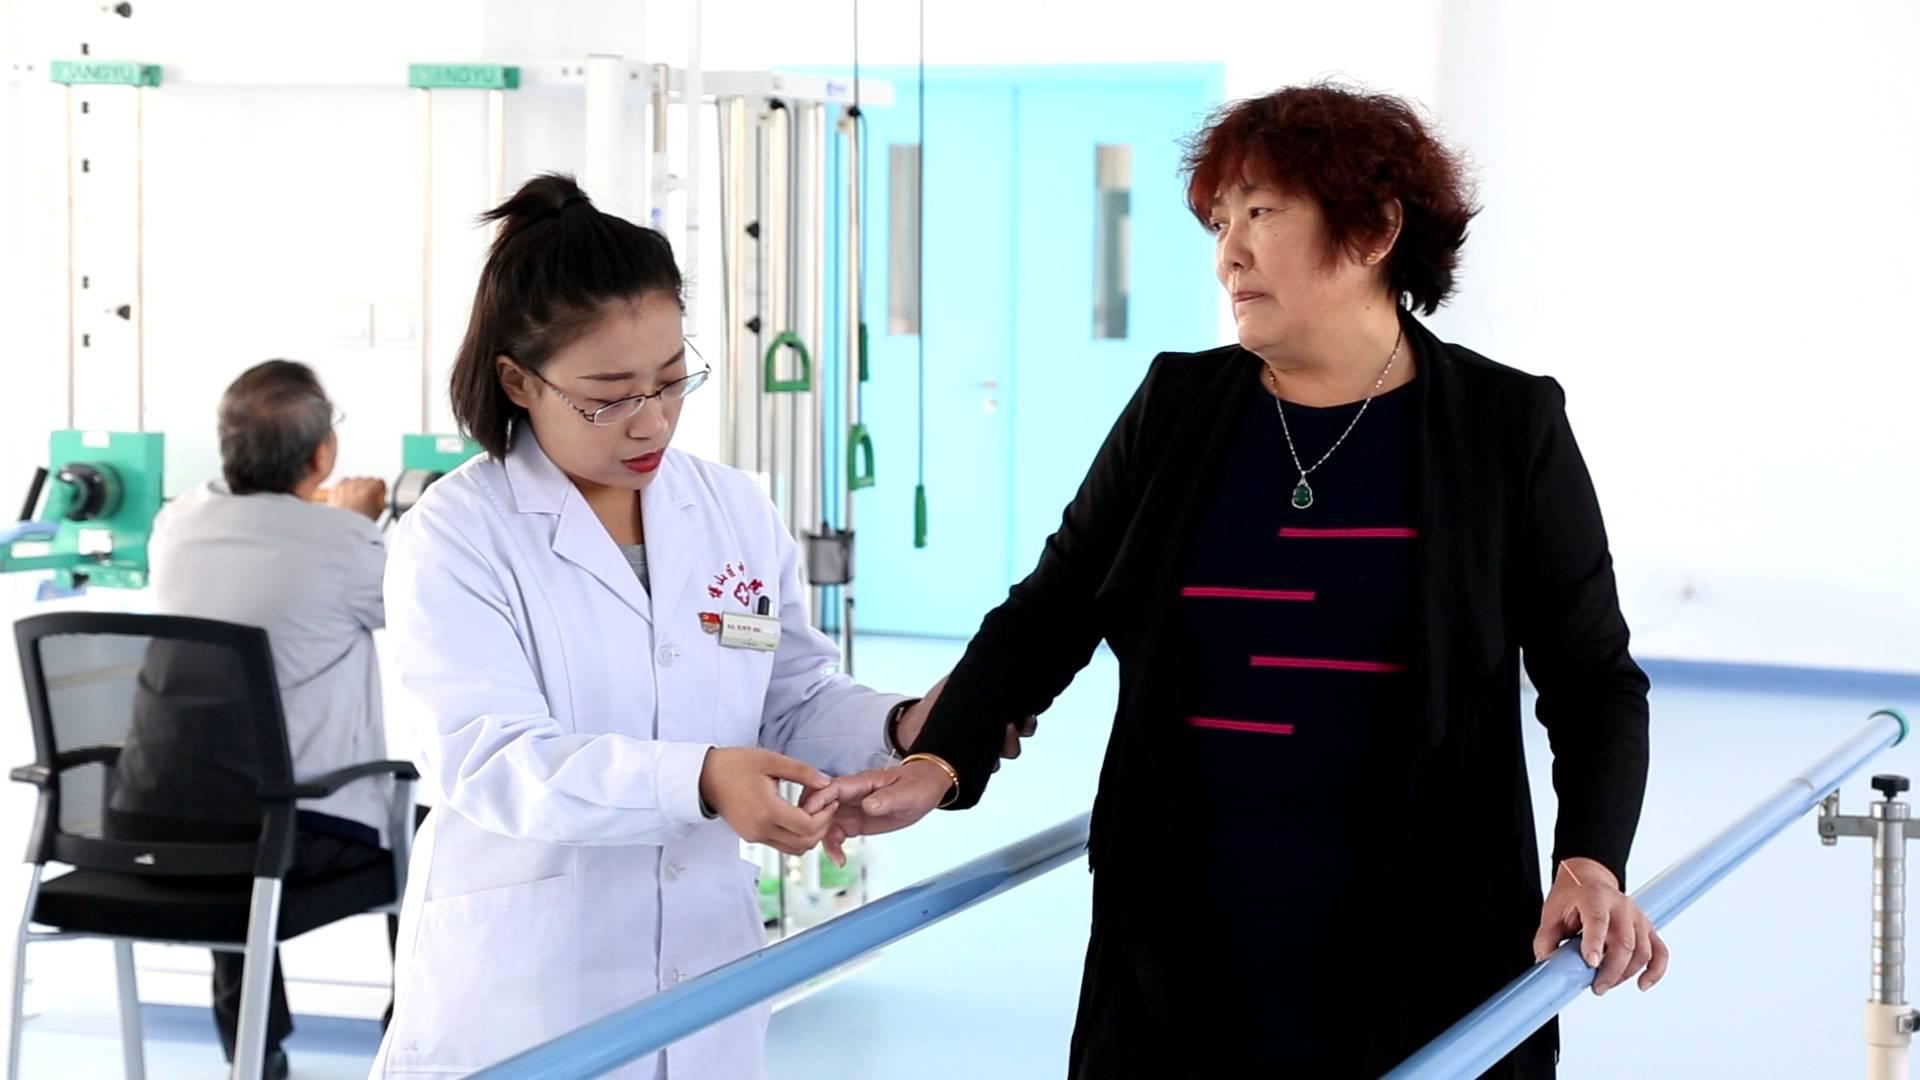 牢记嘱托 担当作为抓落实丨60岁以上老人2200多万 山东积极推进医养结合